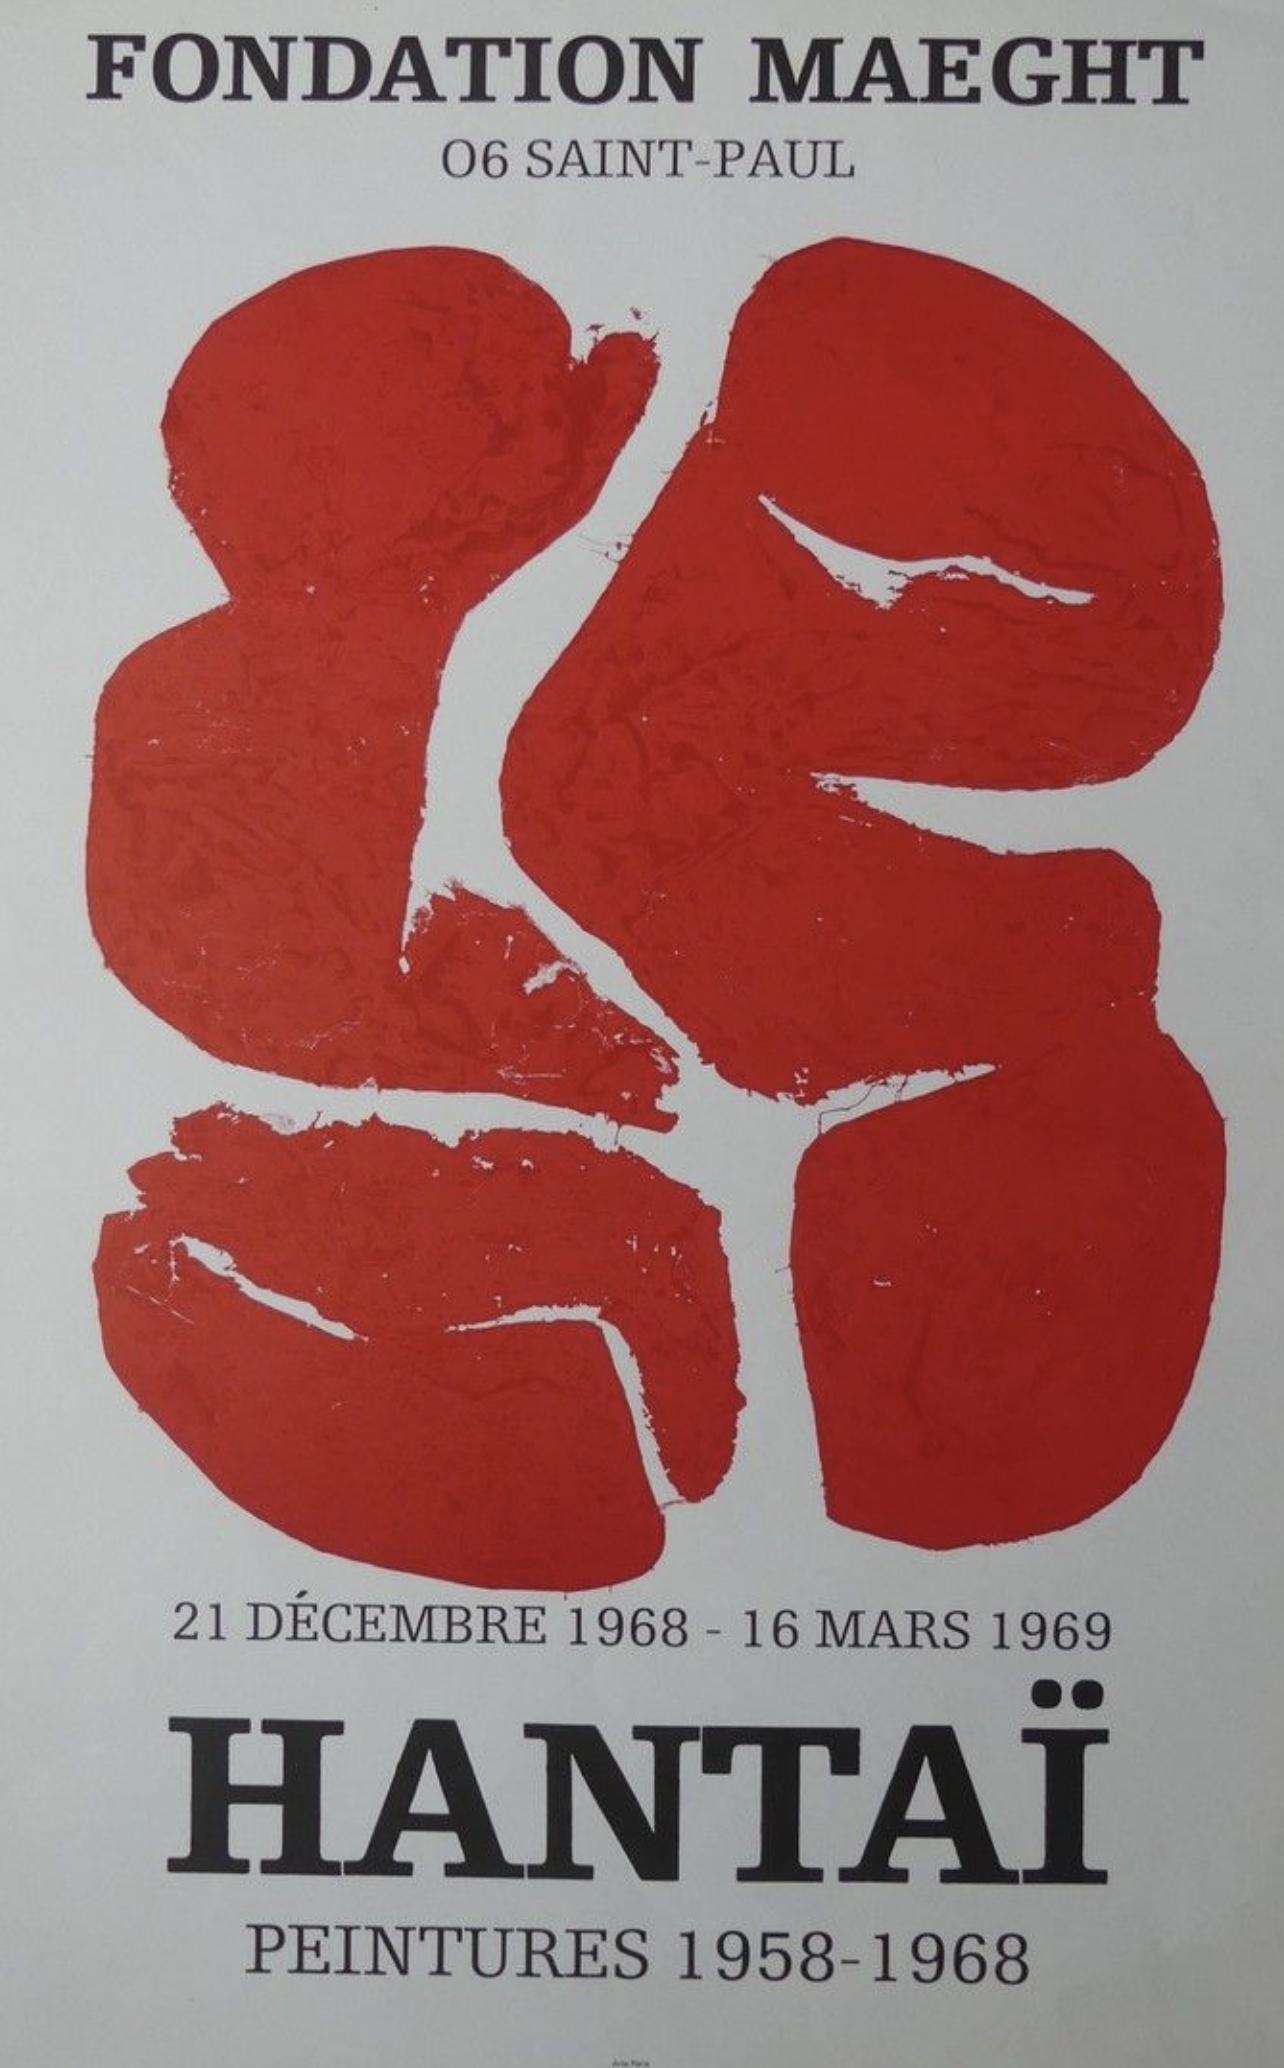 HANTAÏ Fondation Maeght Original Vintage Poster